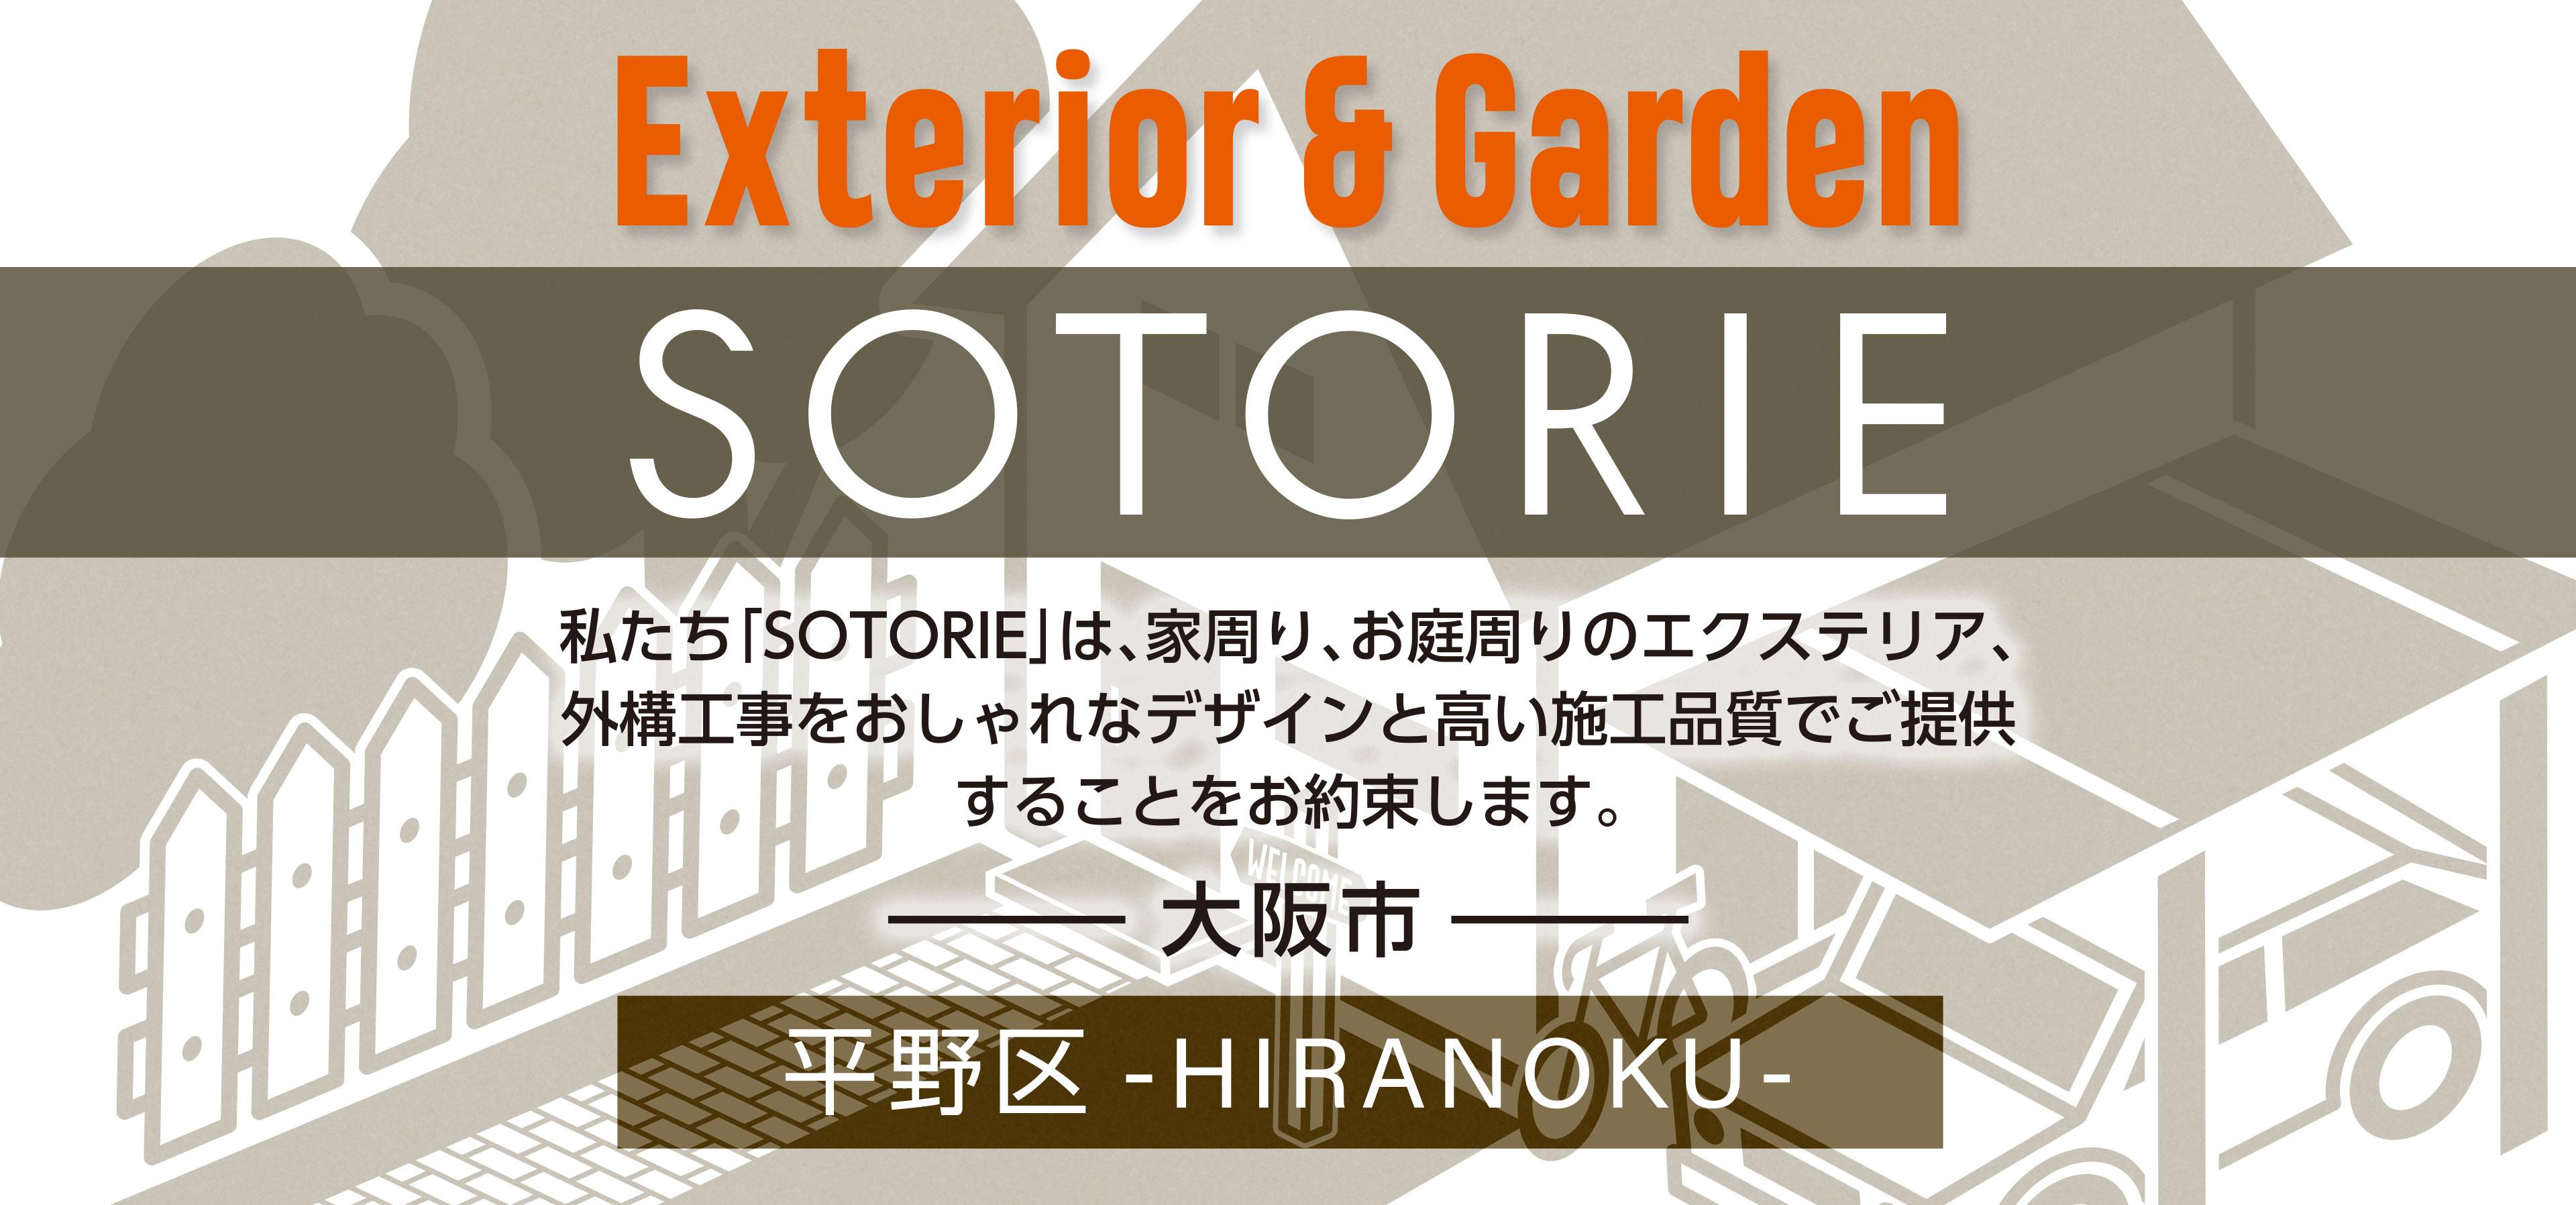 ソトリエ大阪市平野区では、家周りと庭周りの外構、エクステリア工事をおしゃれなデザインと高い施工品質でご提供することをお約束します。